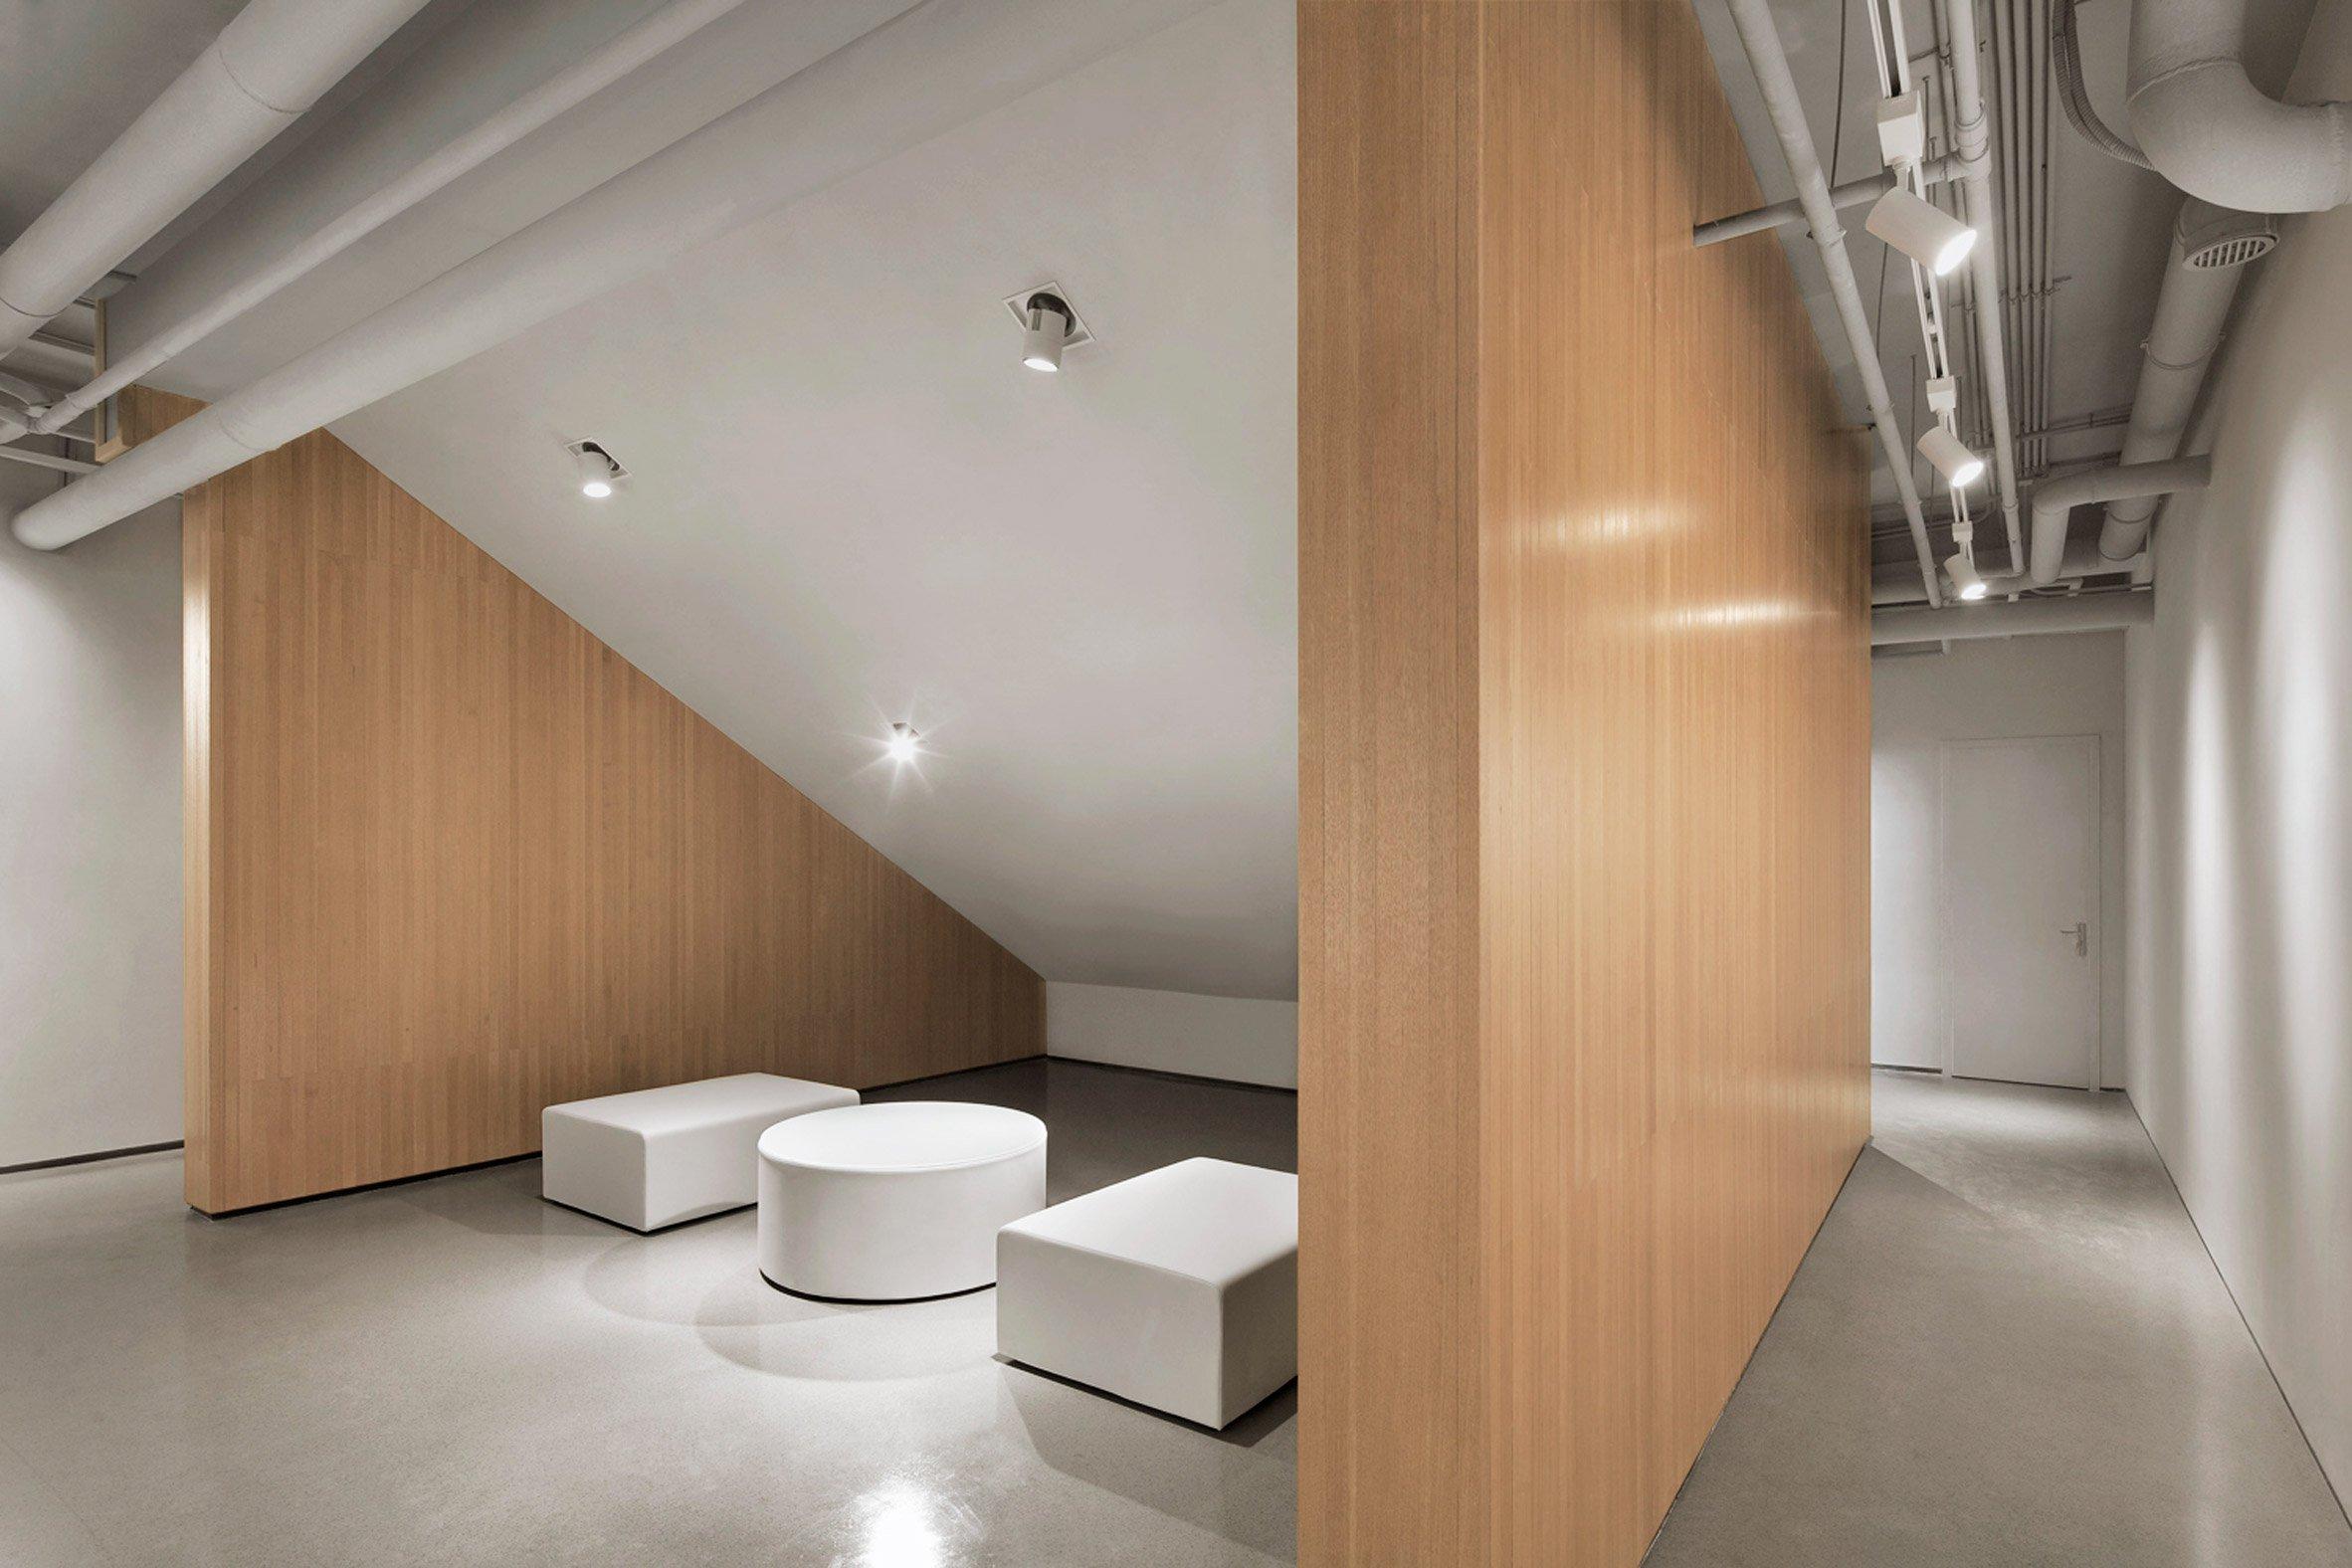 penda-hongkun-art-auditorium-beijing-architecture_dezeen_2364_col_19-1